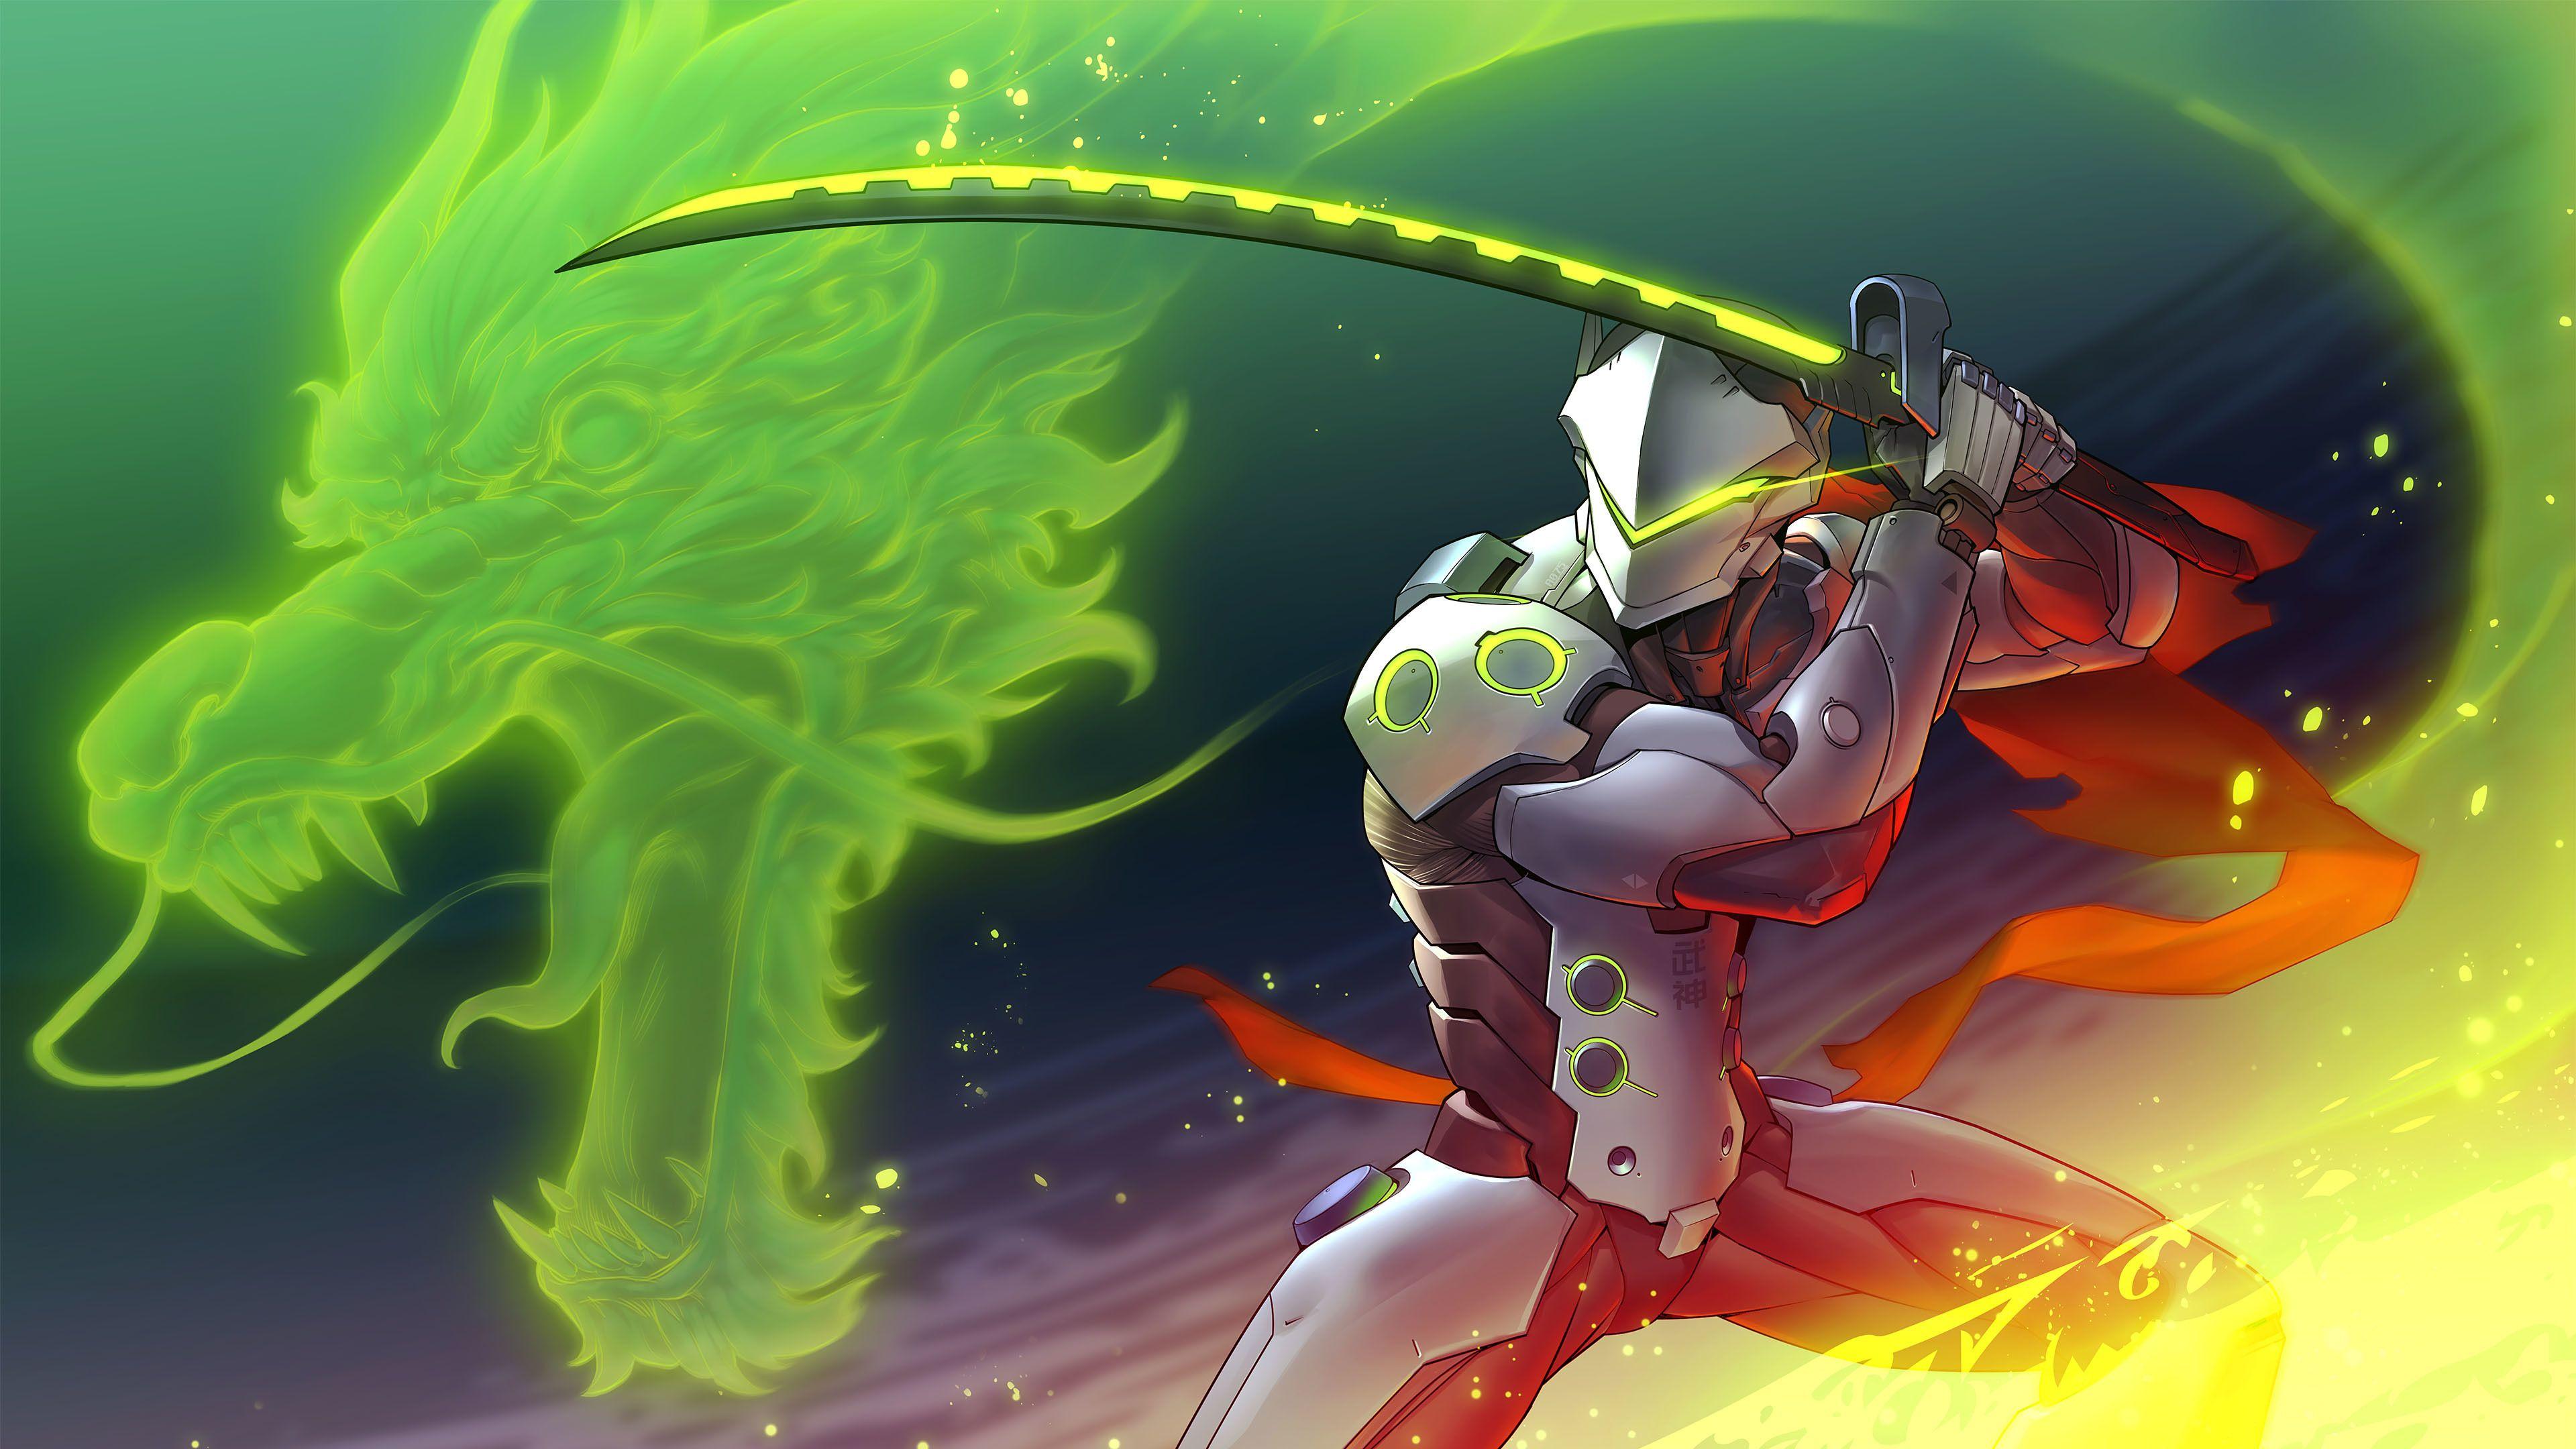 Genji Overwatch Art 4k HD Wallpapers Overwatch